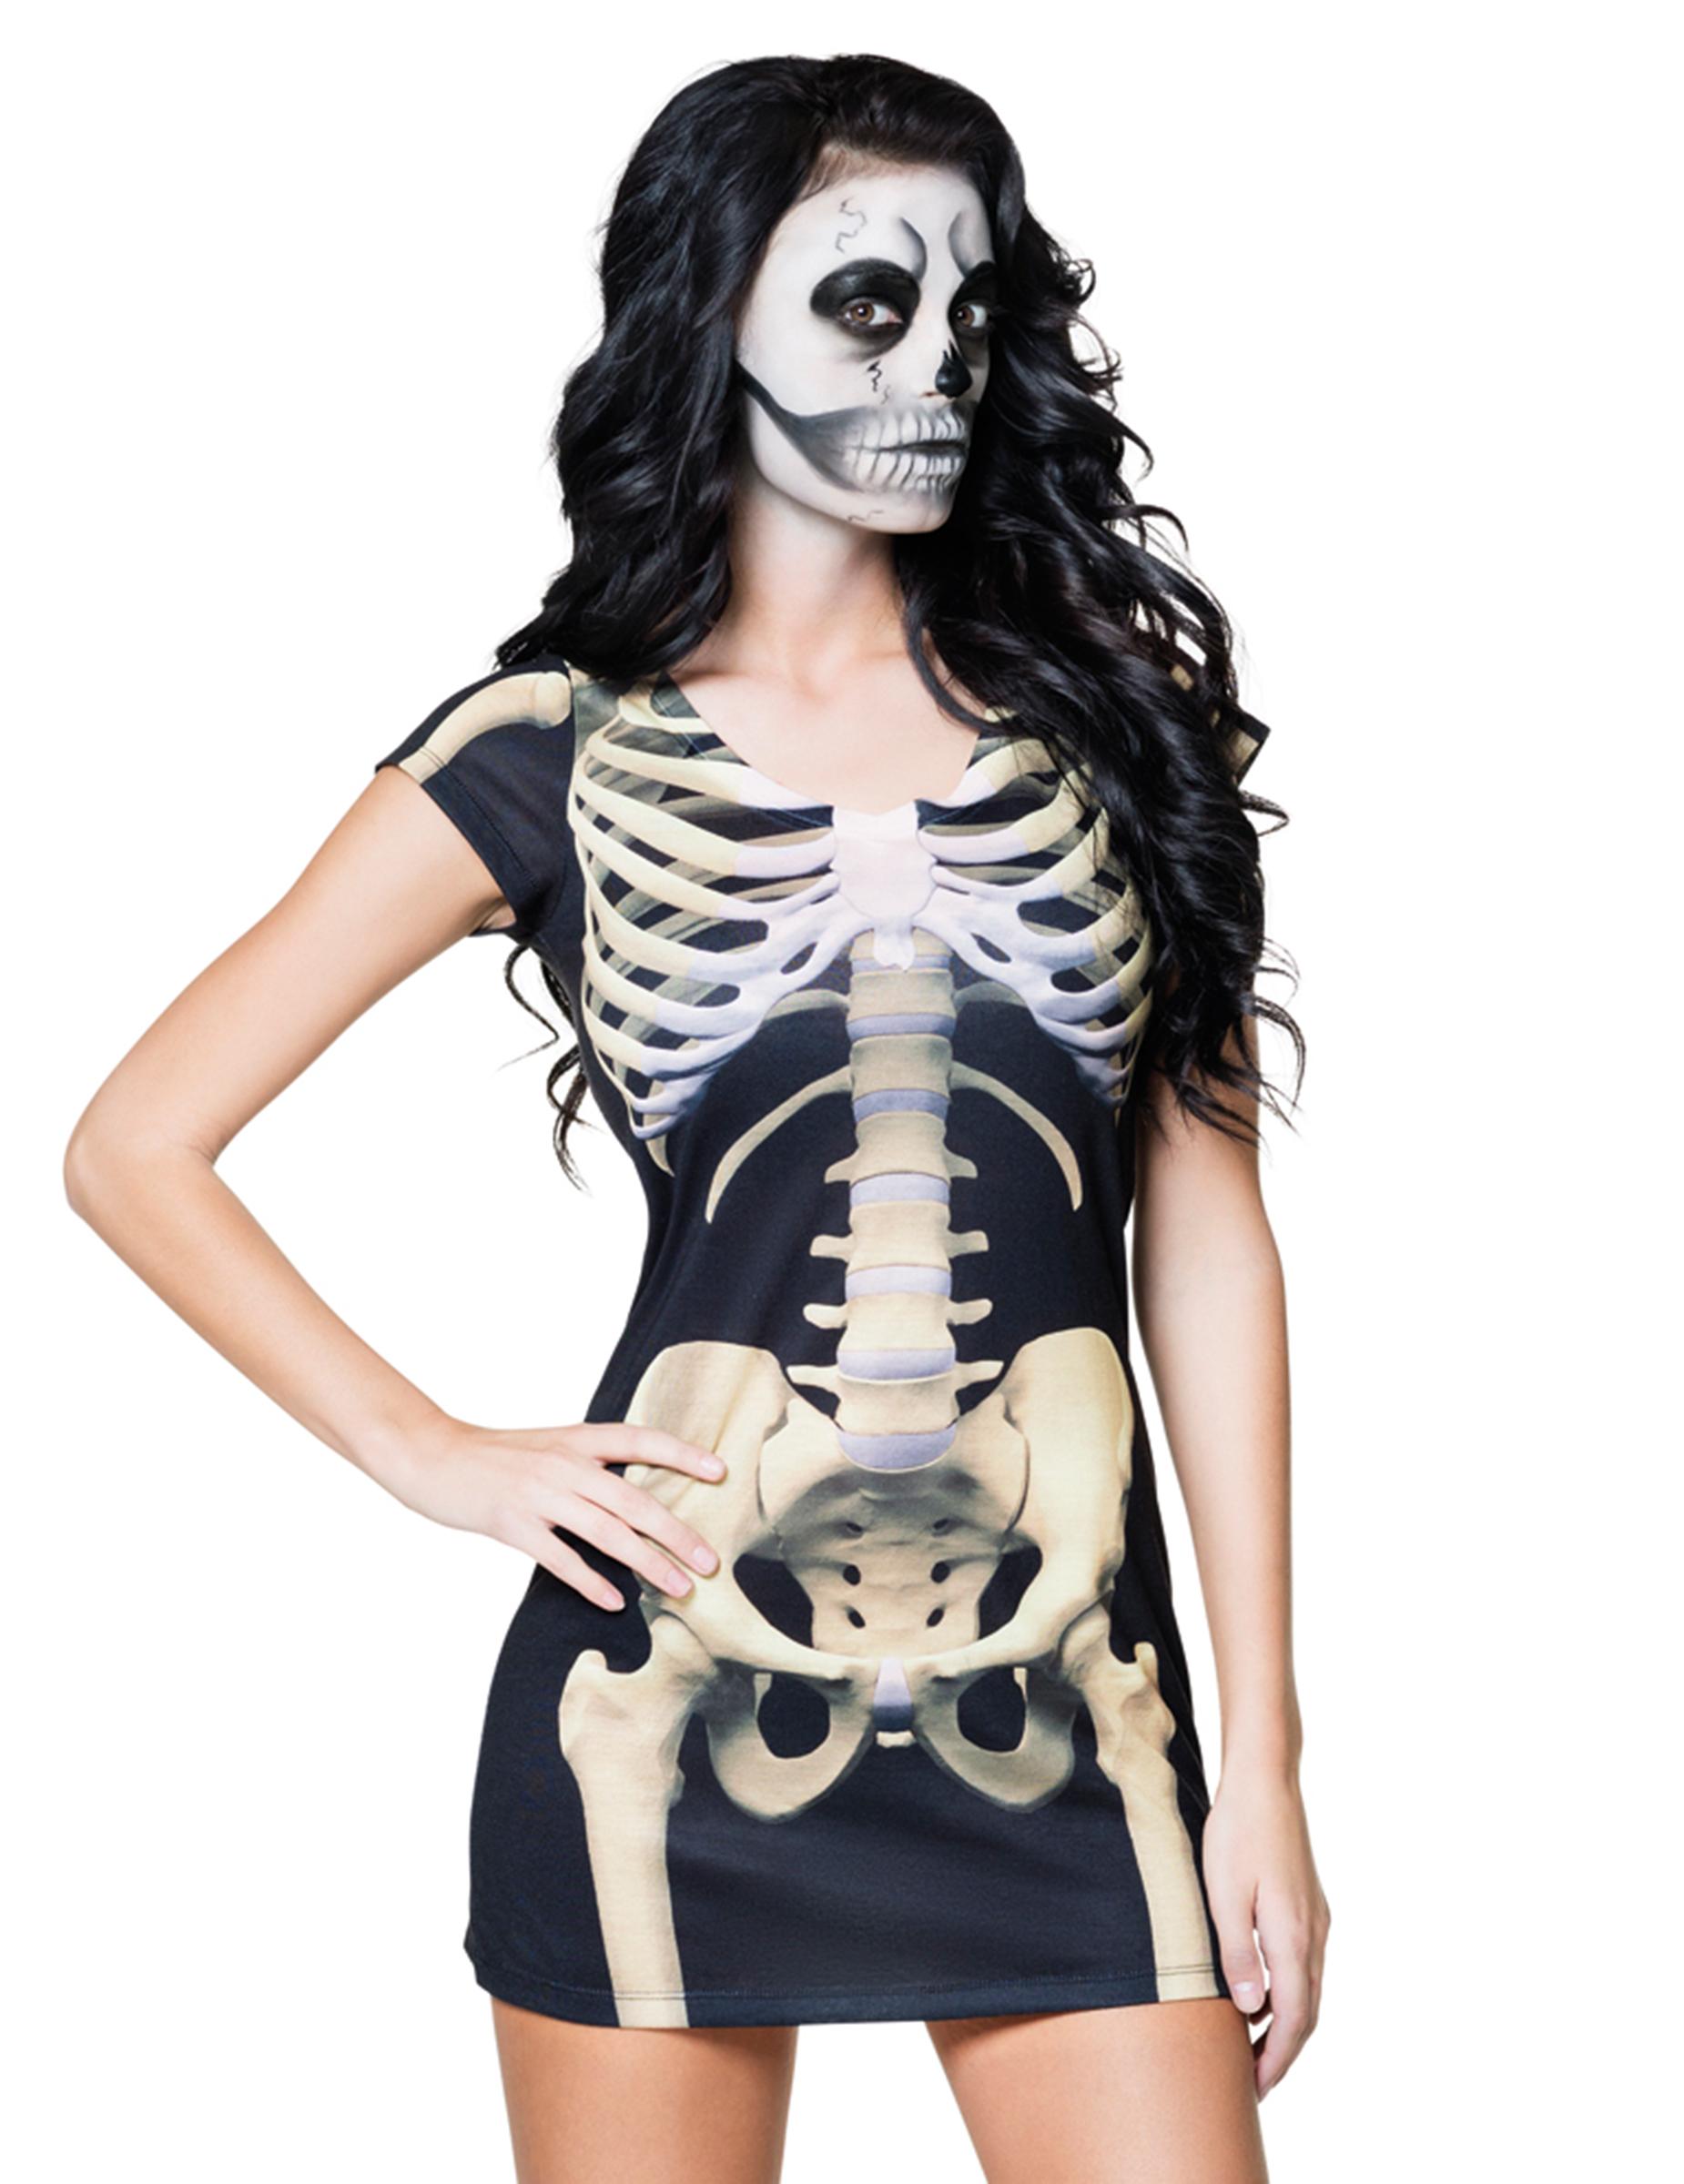 d guisement robe squelette femme halloween deguise toi achat de d guisements adultes. Black Bedroom Furniture Sets. Home Design Ideas